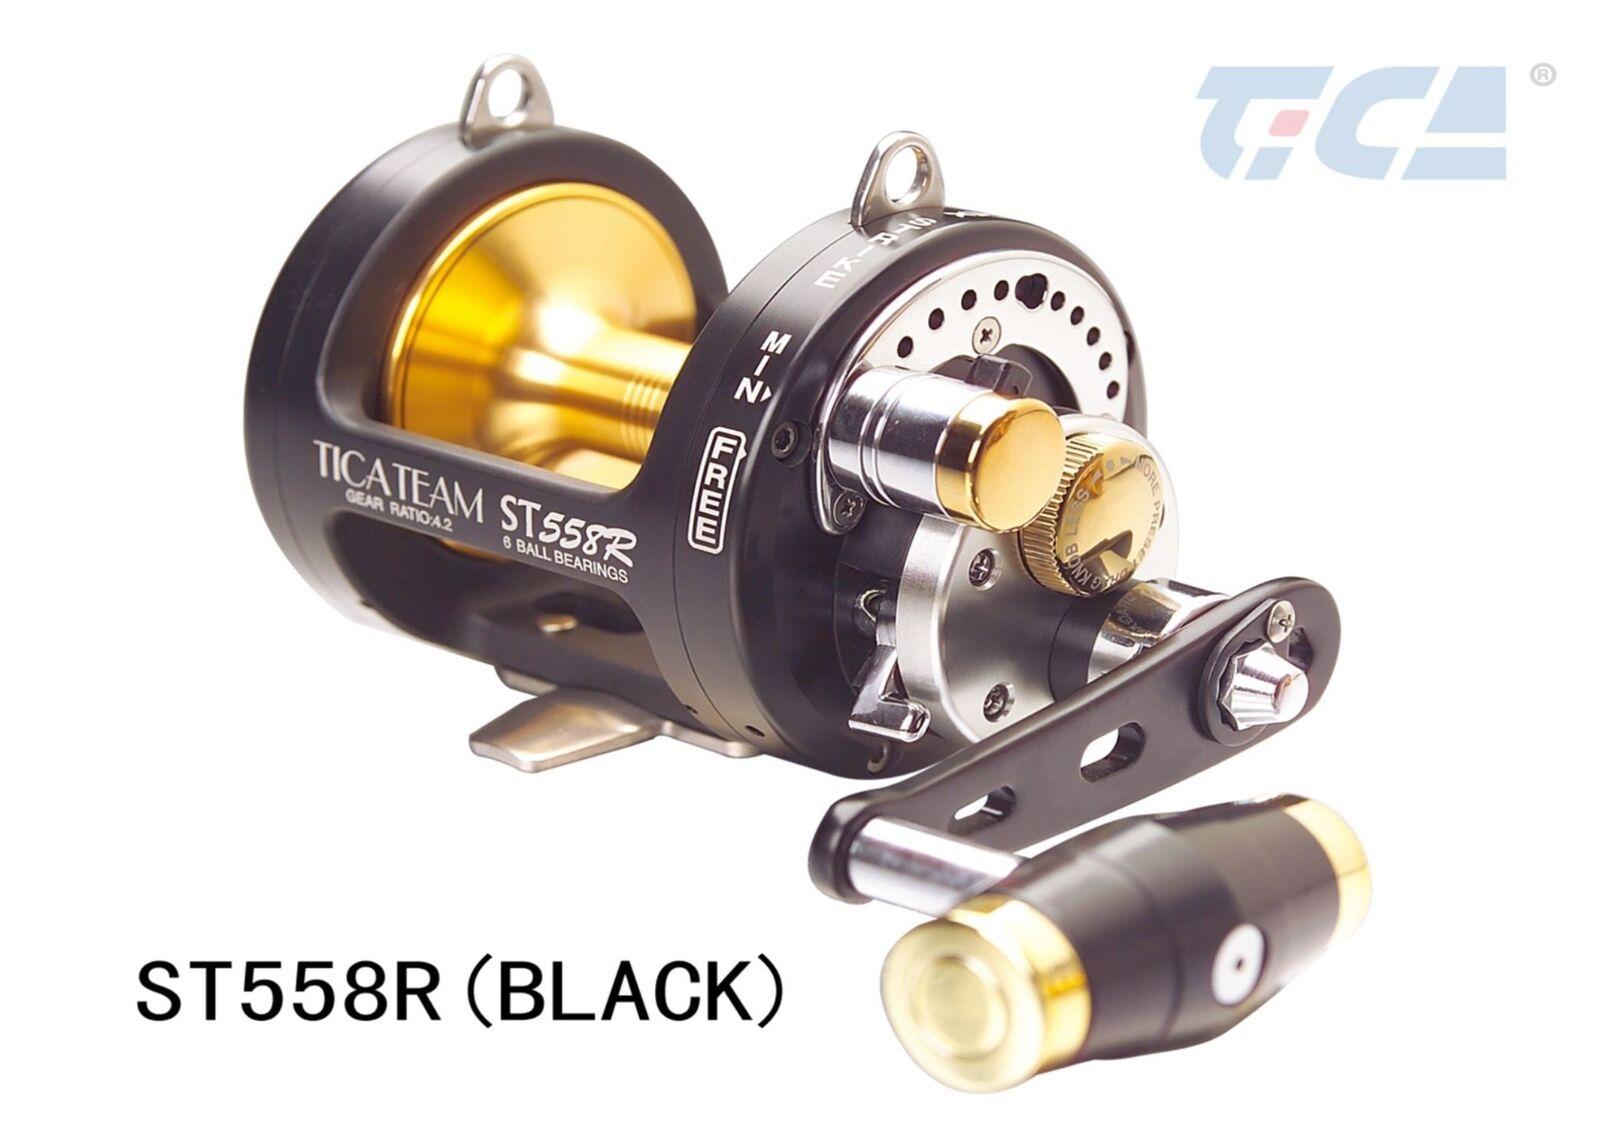 Tica Team st458r 6 + 2bb 4.2  1 DX coil